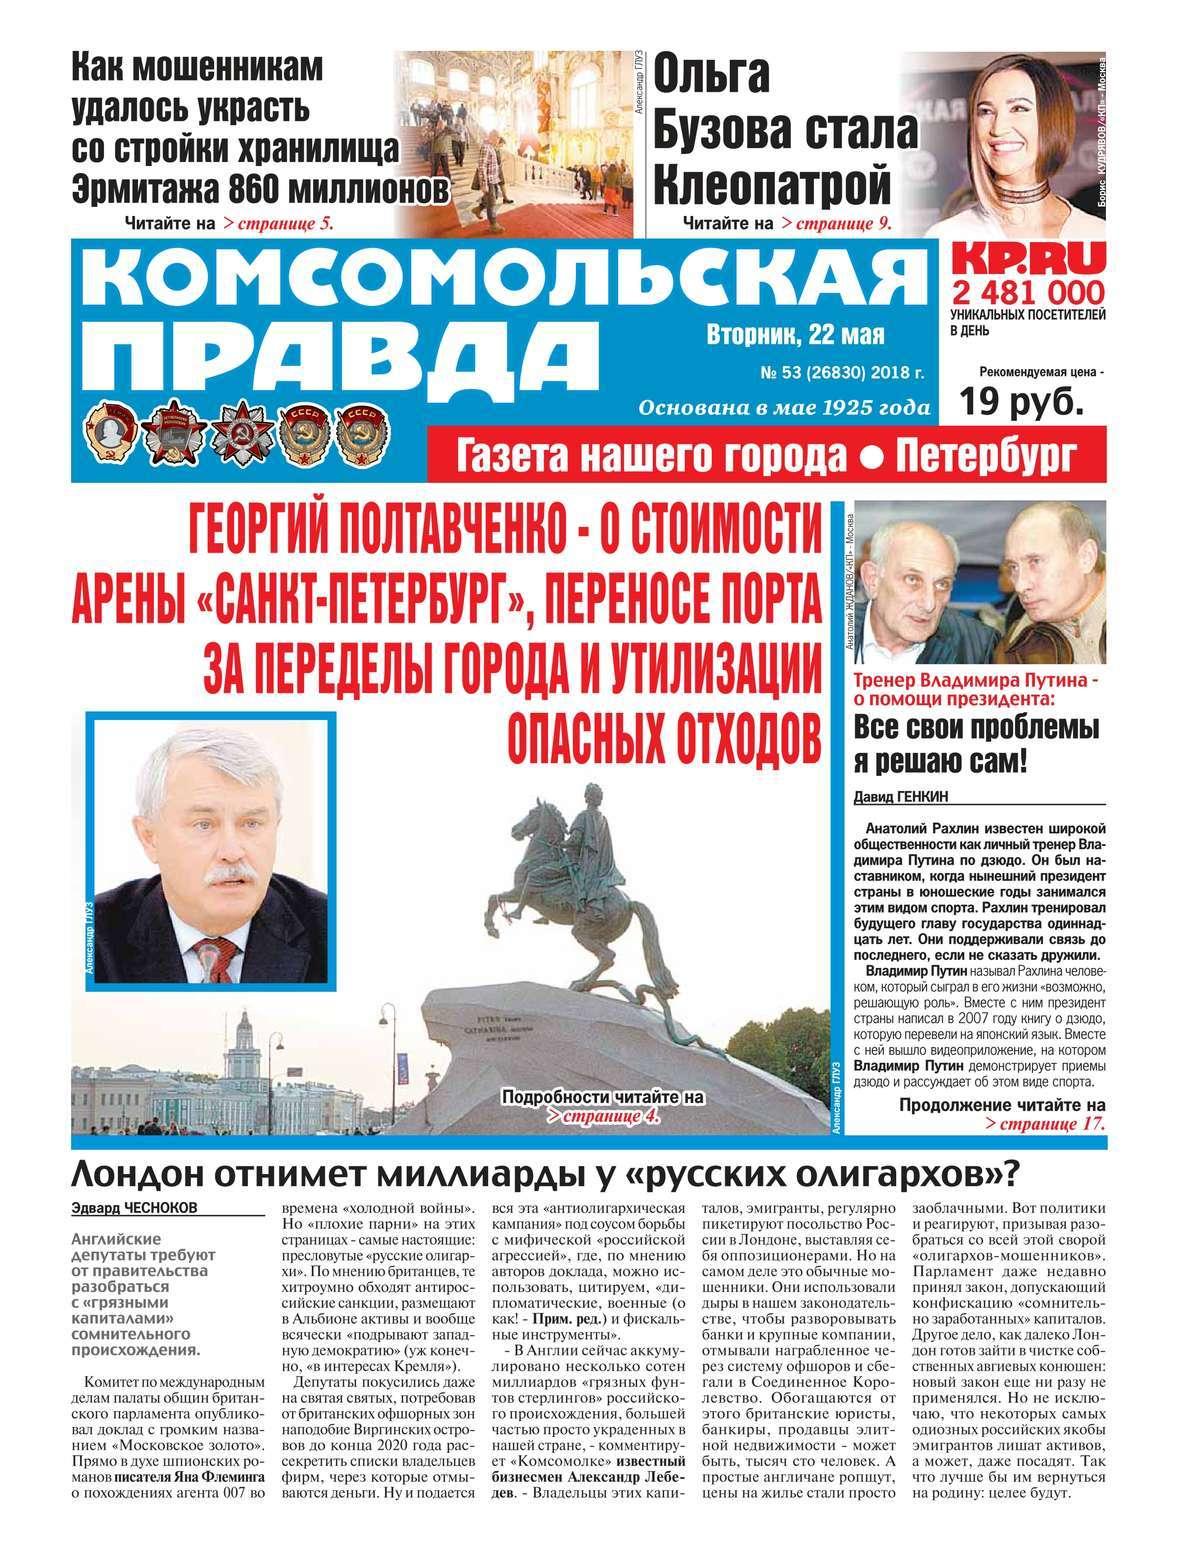 Комсомольская Правда. Санкт-Петербург 53-2018